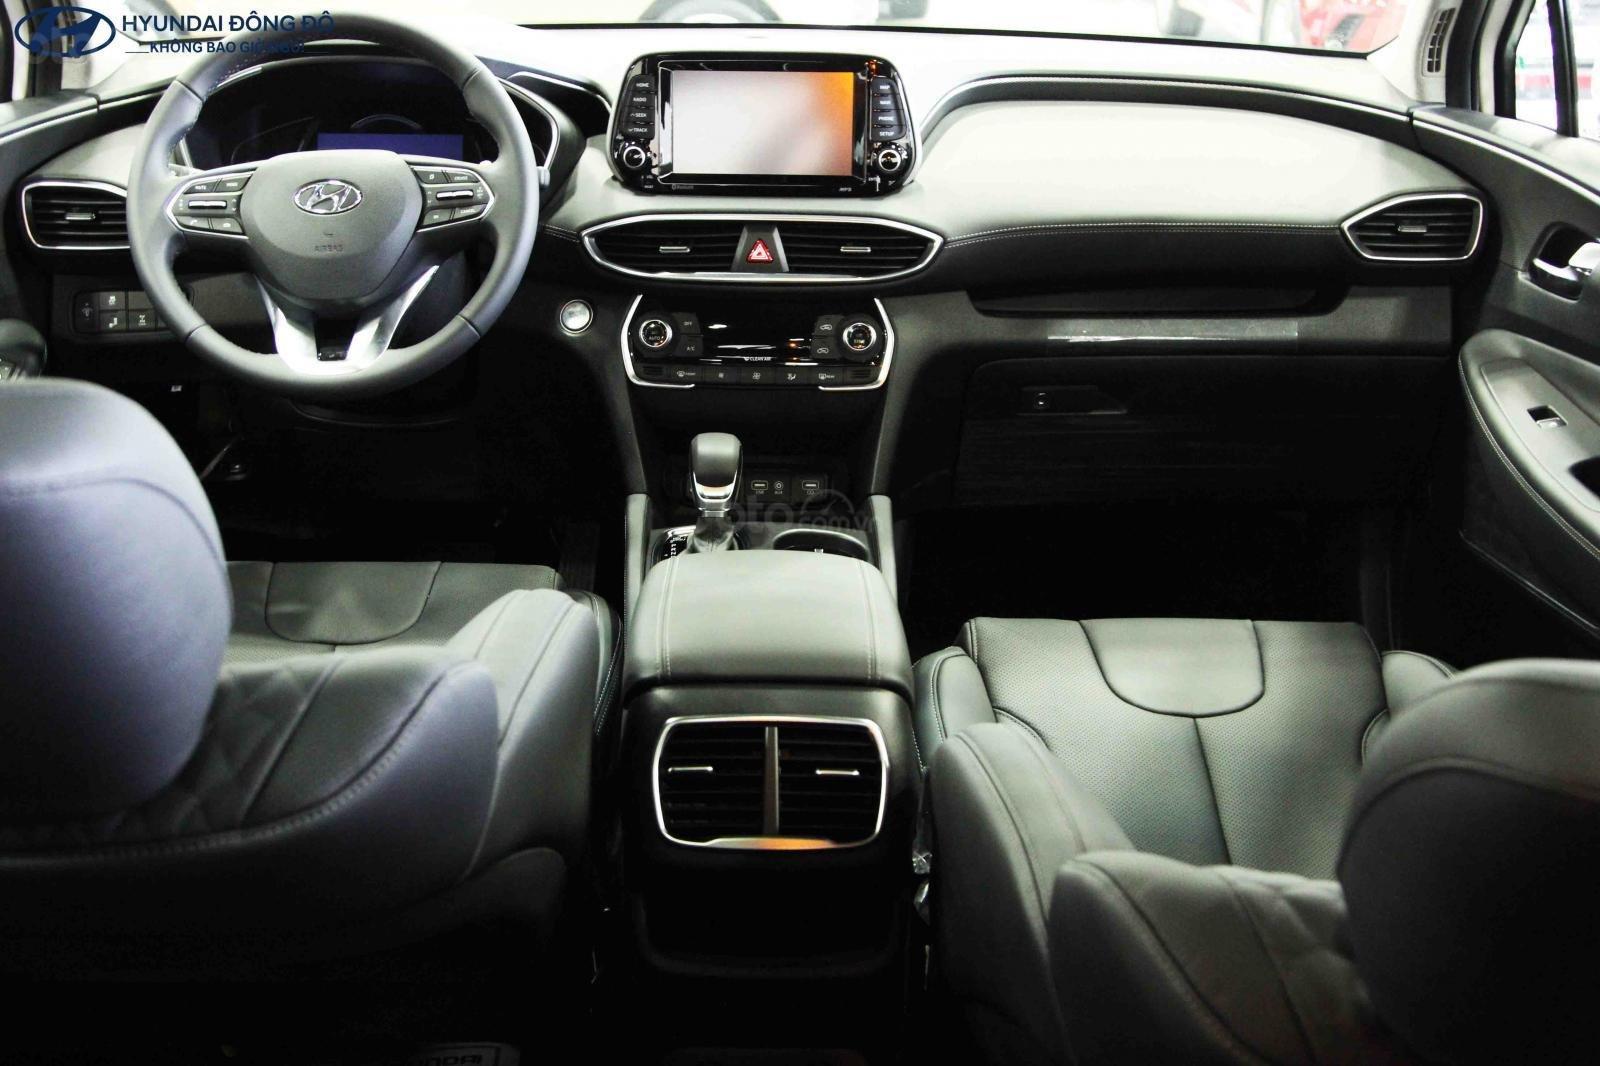 Bán Hyundai Santa Fe xăng đặc biệt 2019, trả góp lãi suất ưu đãi, LH 0976543958 (4)